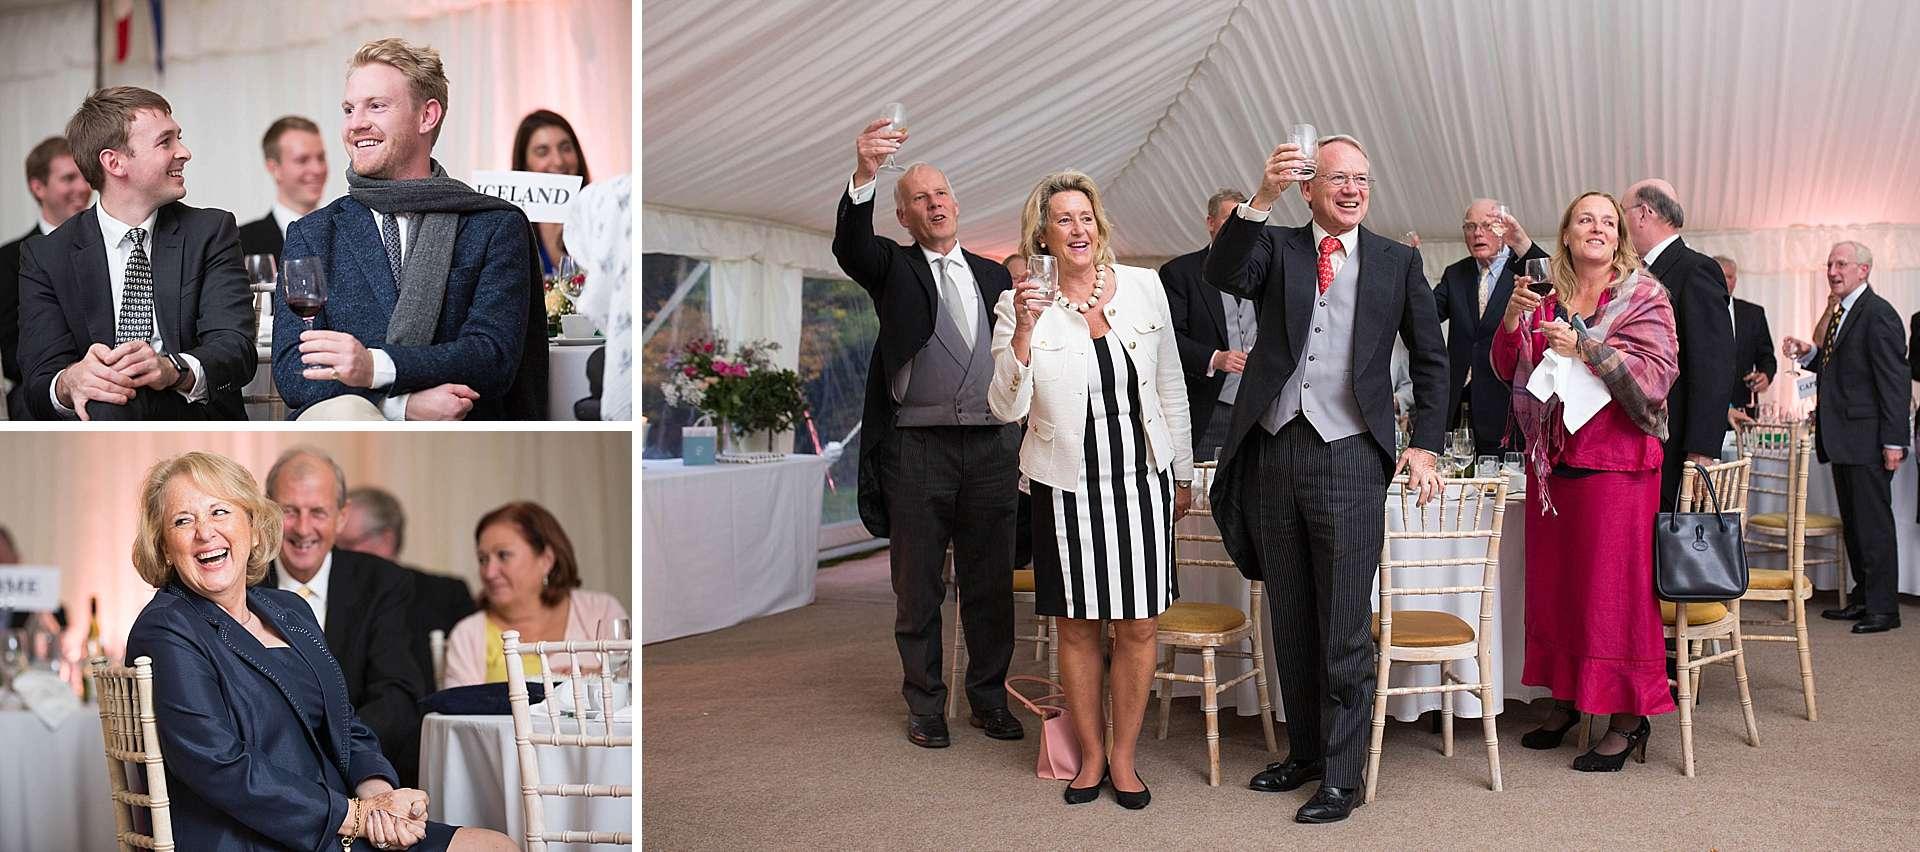 Windsor wedding photography